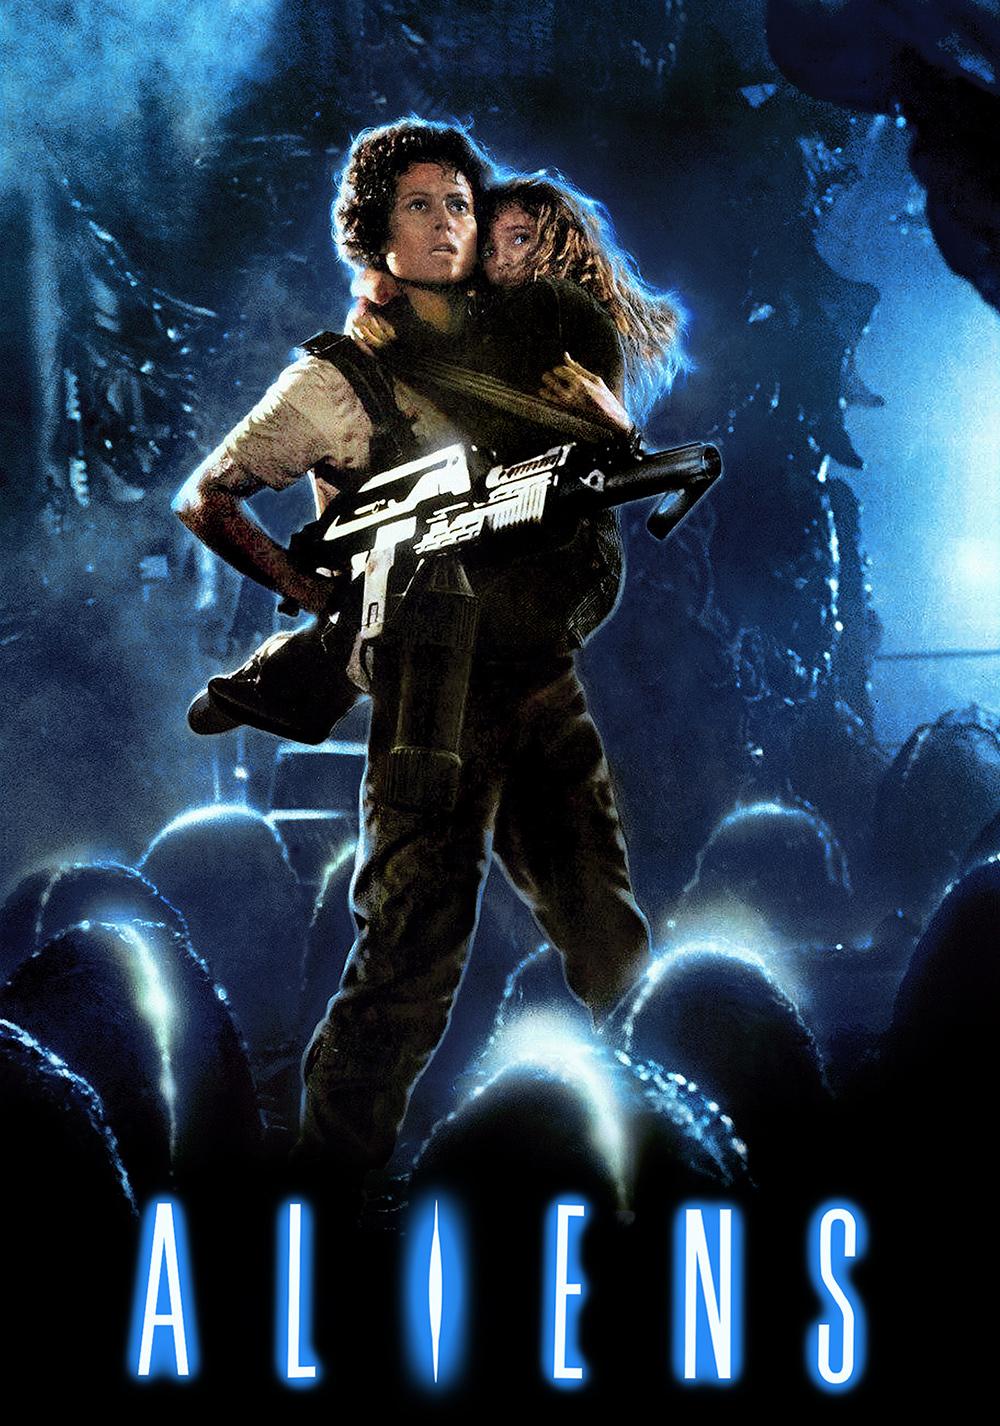 aliens movie - photo #18